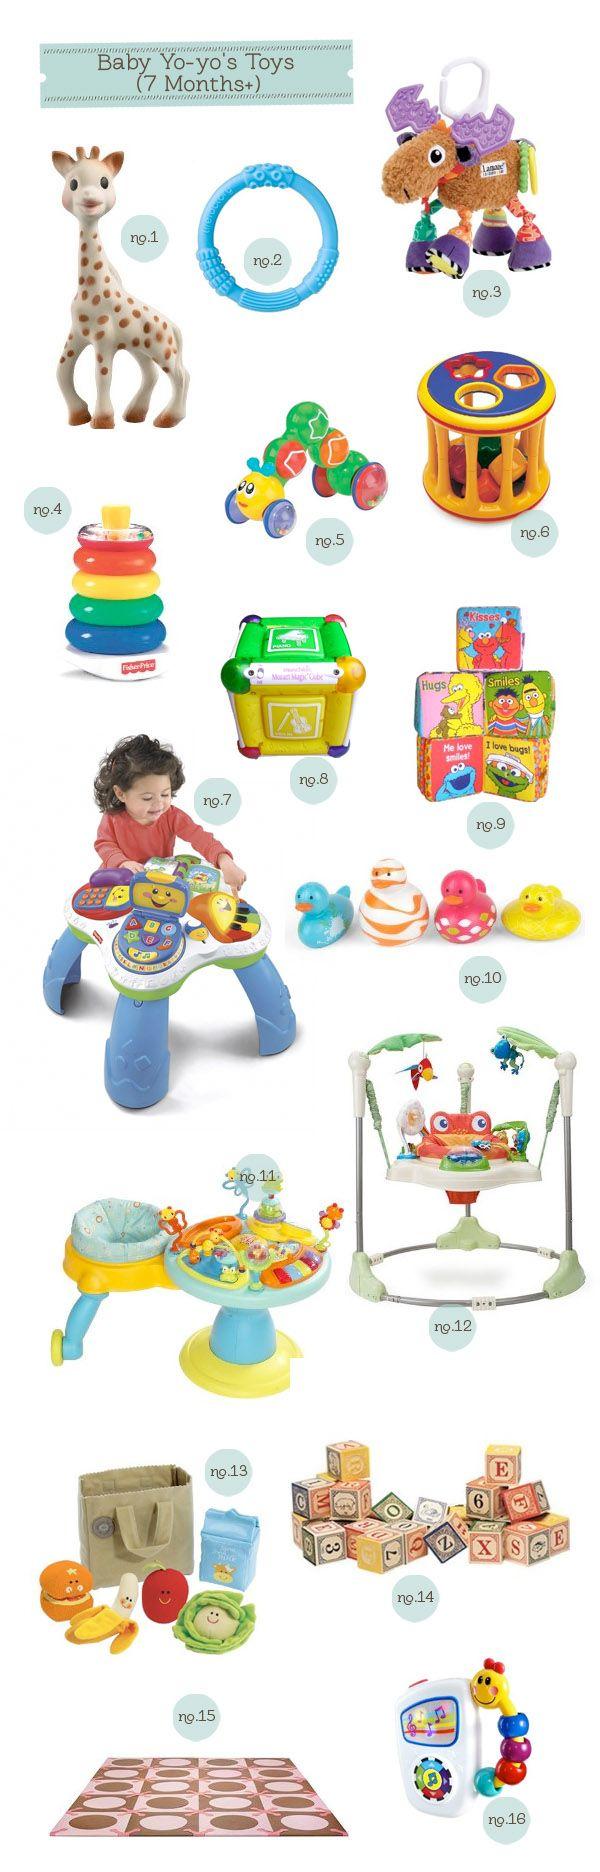 baby yo yo's toys 7 months